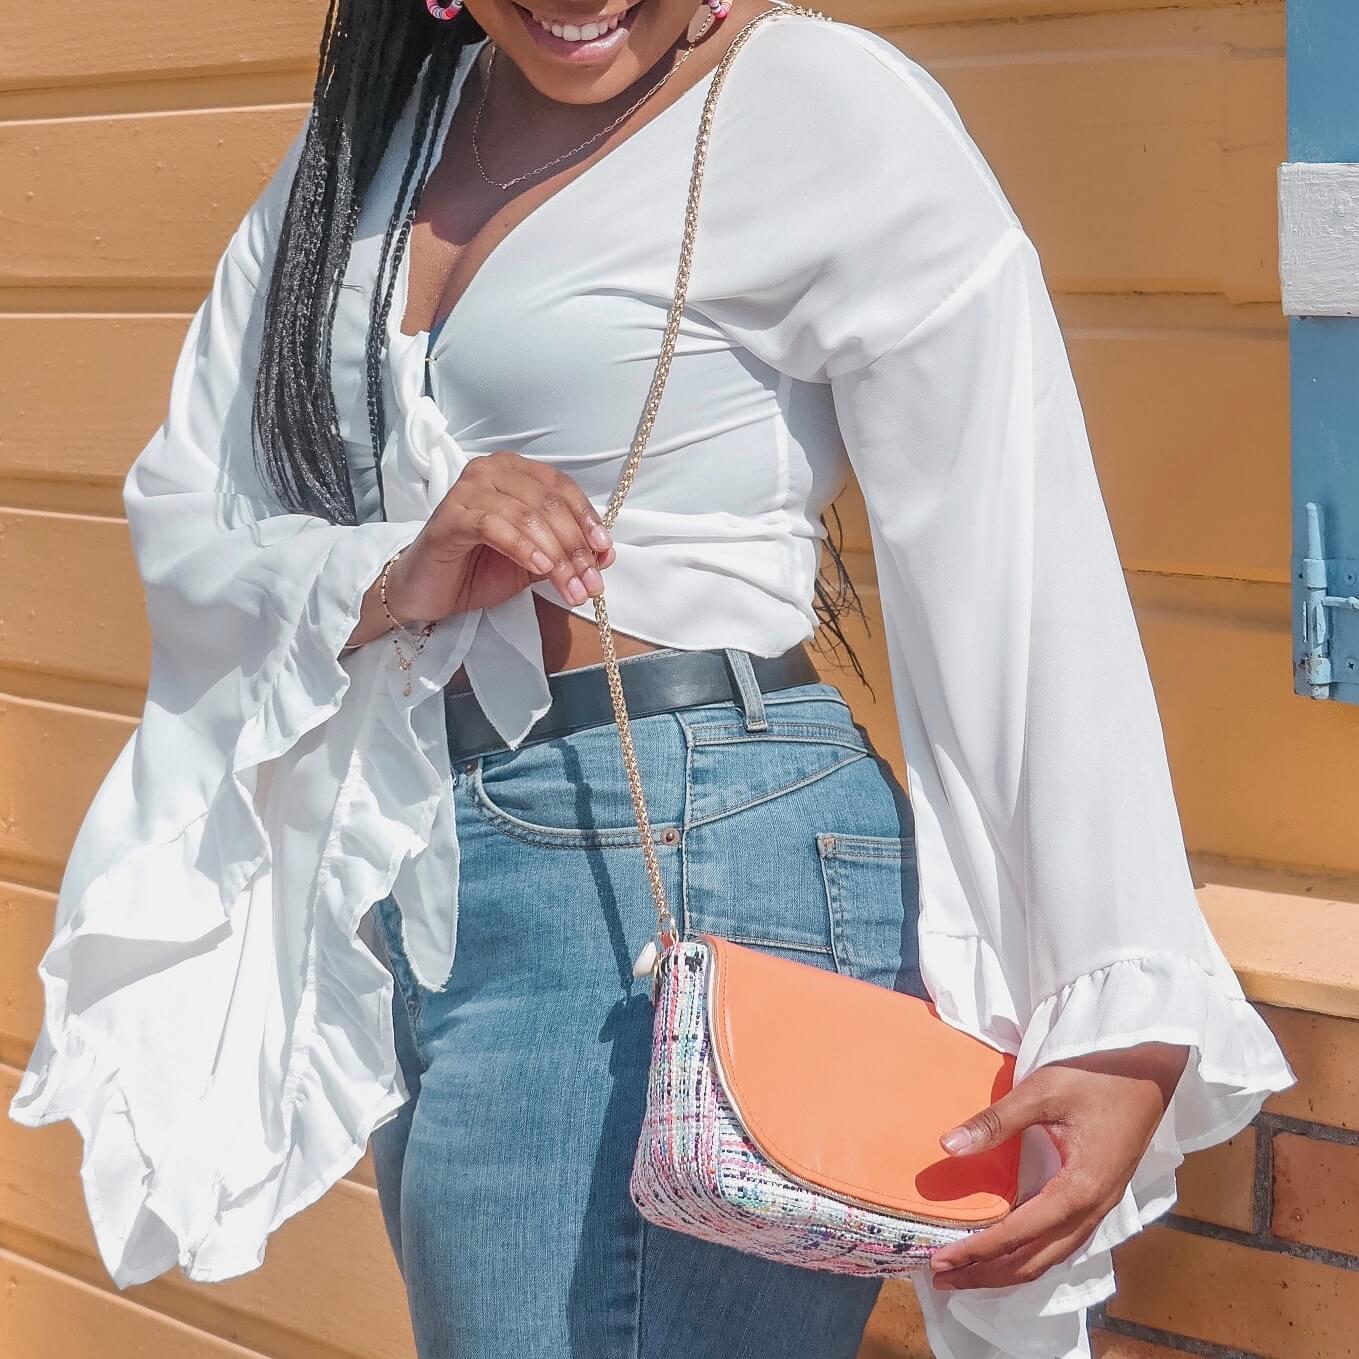 sac mode en tweed - sac bandoulière chic coloré Cénélia